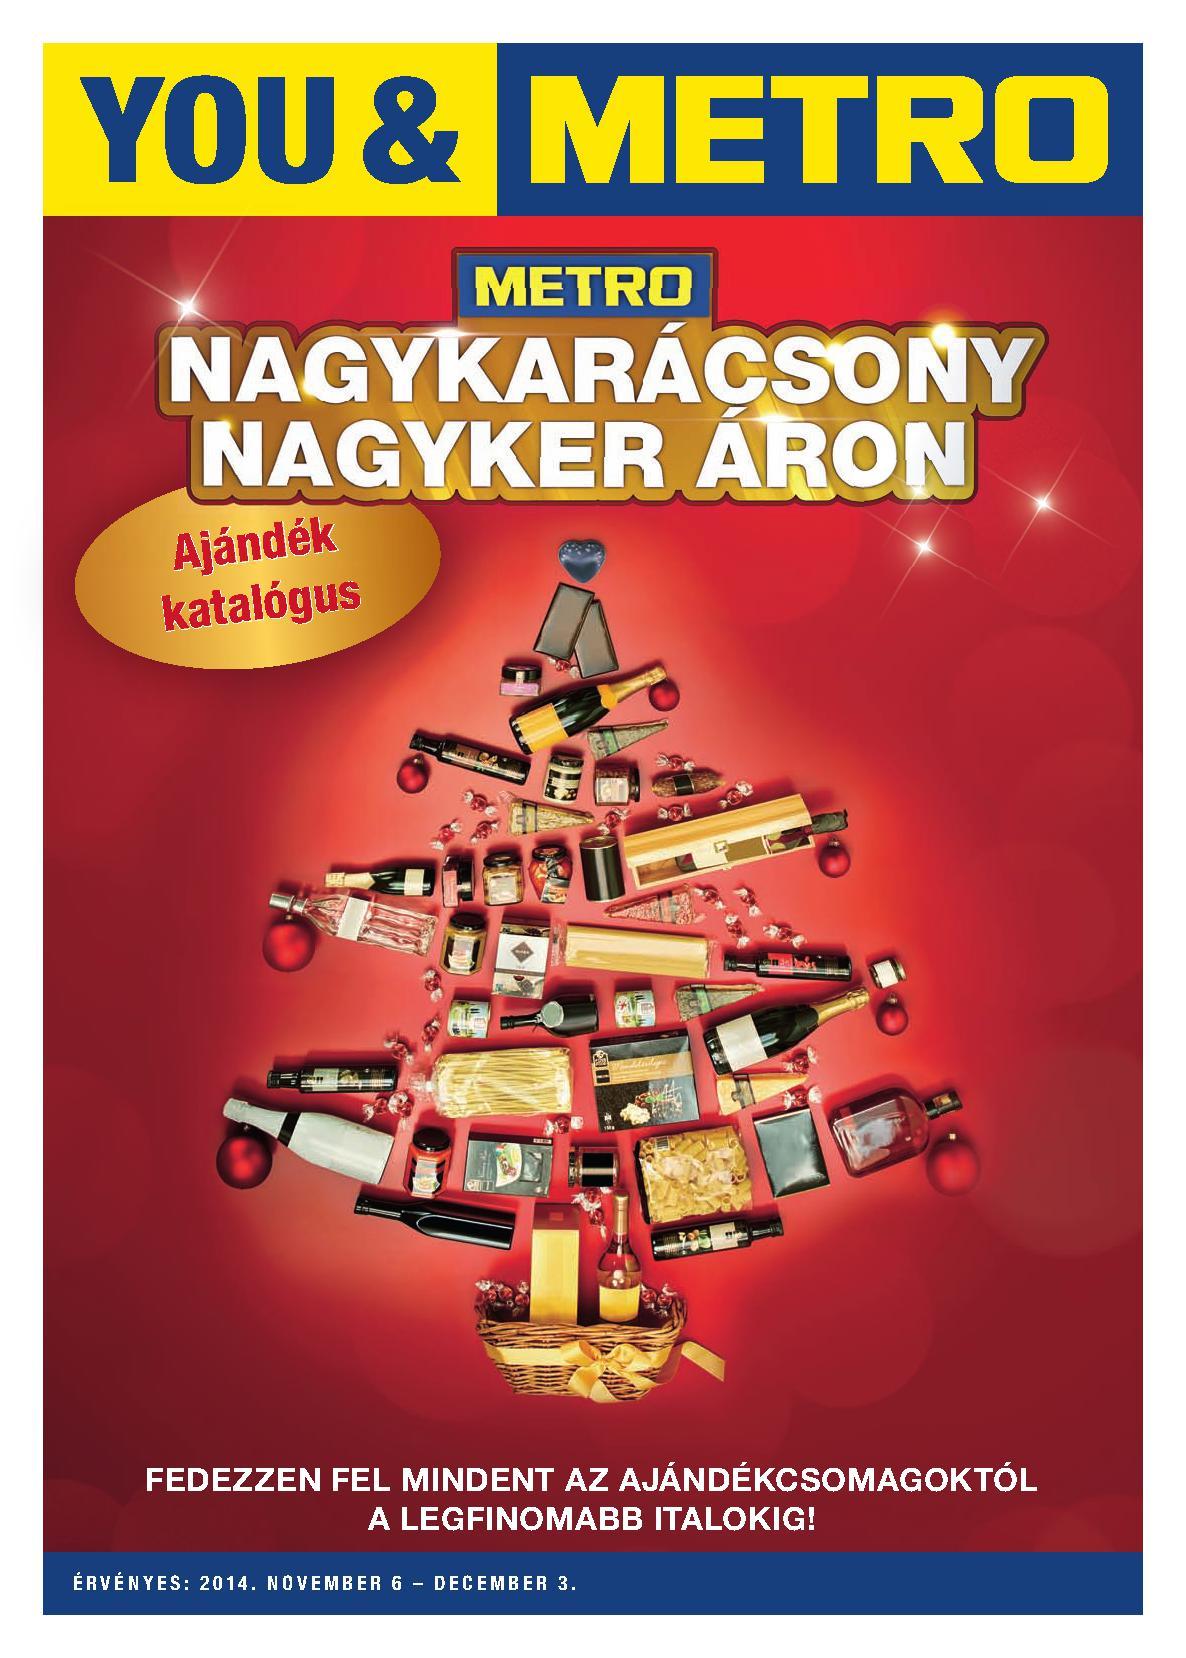 Metro Mađarska akcija novogodišnji pokloni